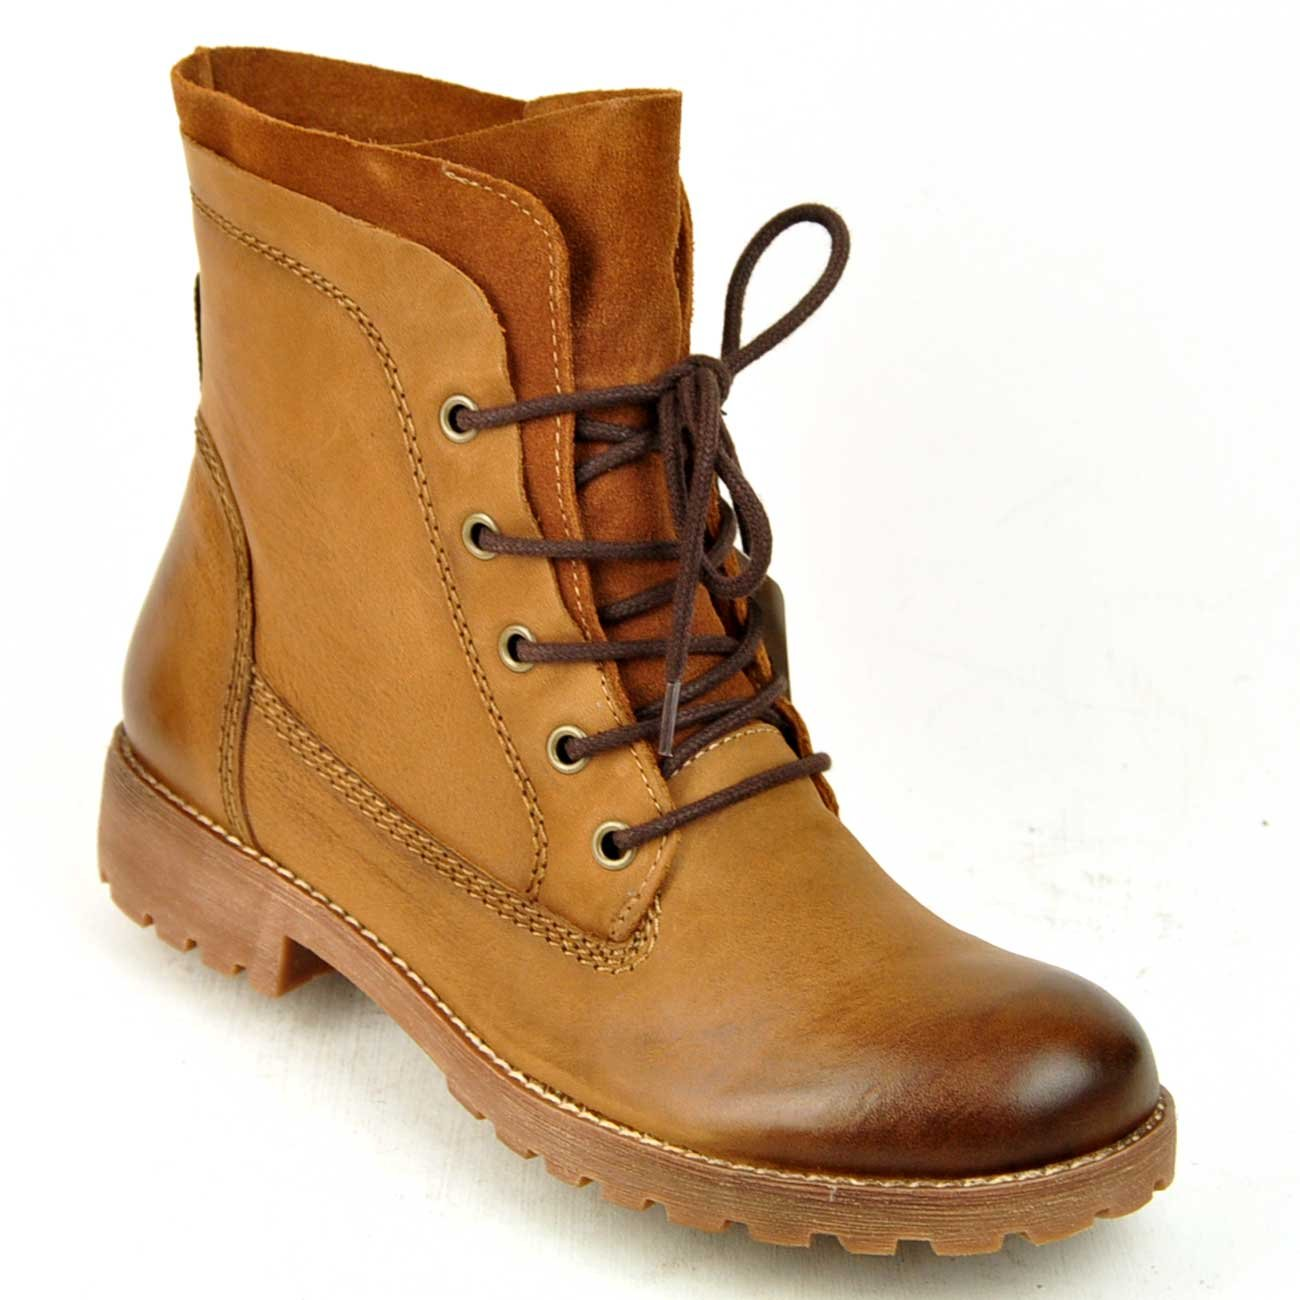 Tamaris, Stiefelette, Boots, Schnürer, echt Leder in Muscat